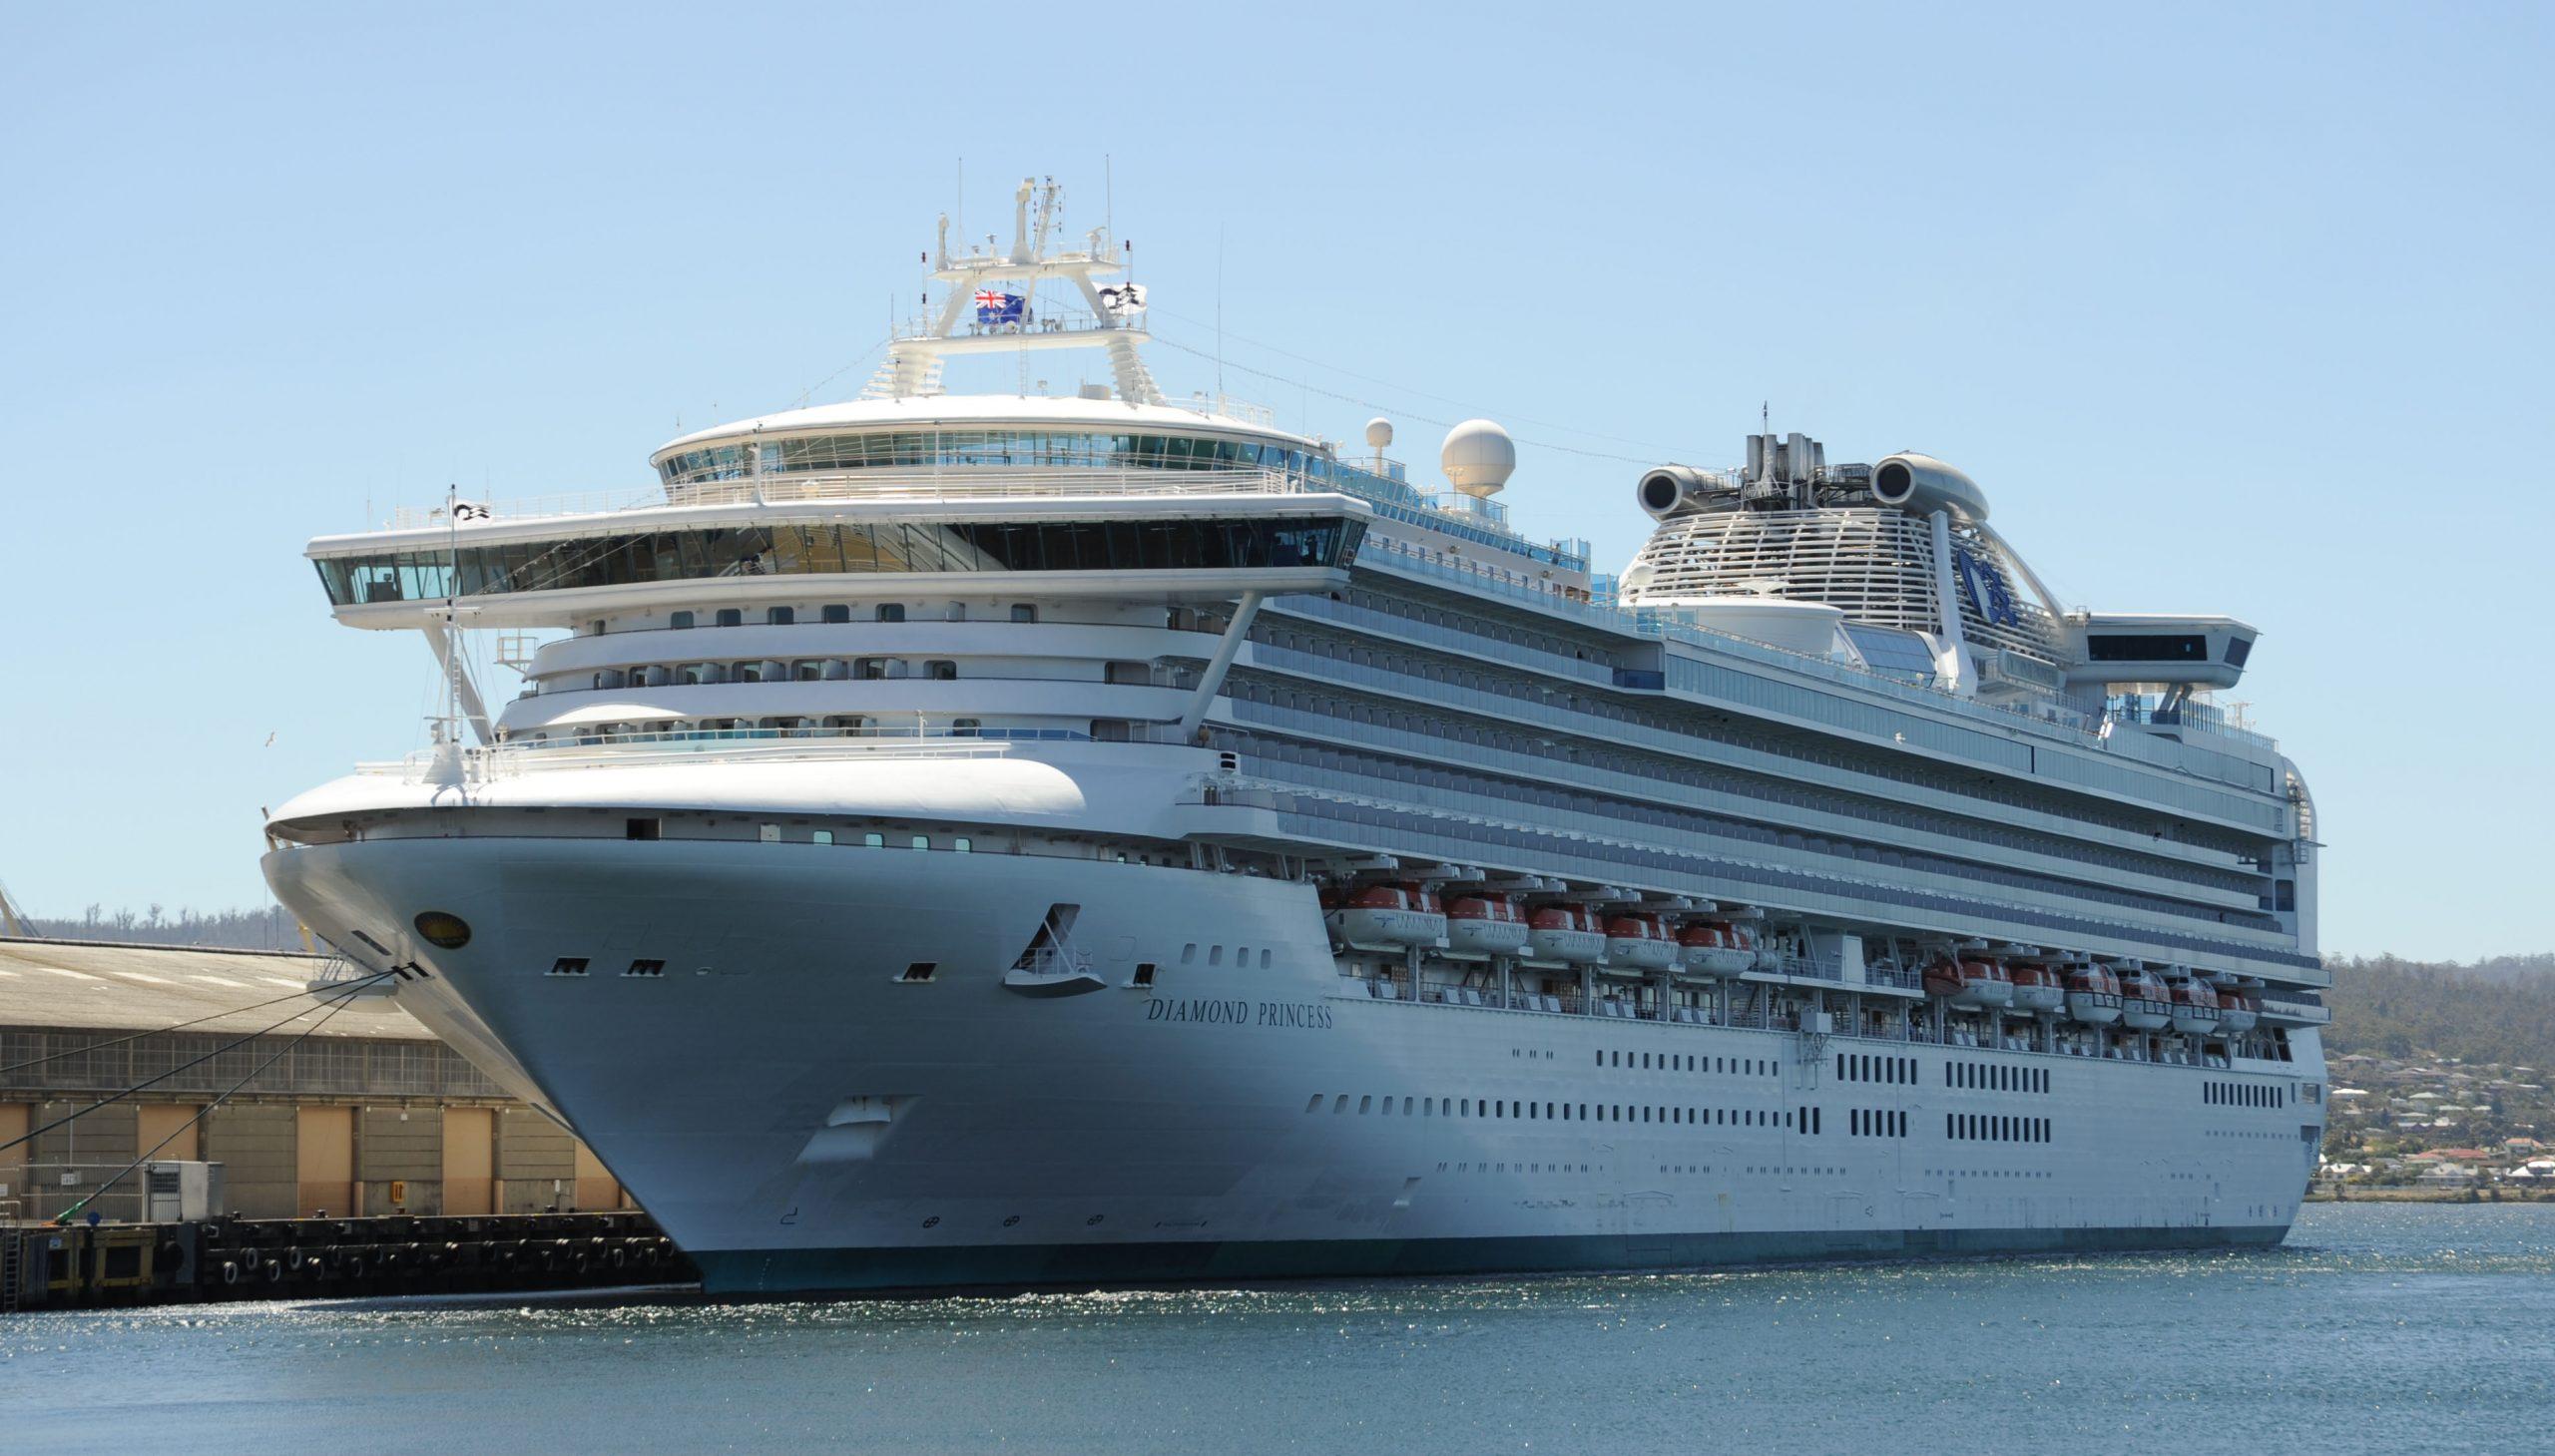 Diamond Princess fra rederiet Princess Cruises, skibet er nu i en 14-dages karantæne udfor havnen i japanske Yokohama. Corona-virussen fra Kina har ramt ønsket om at se kinesiske rejsende hårdt. Wikipedia-arkivfoto: Barrylb